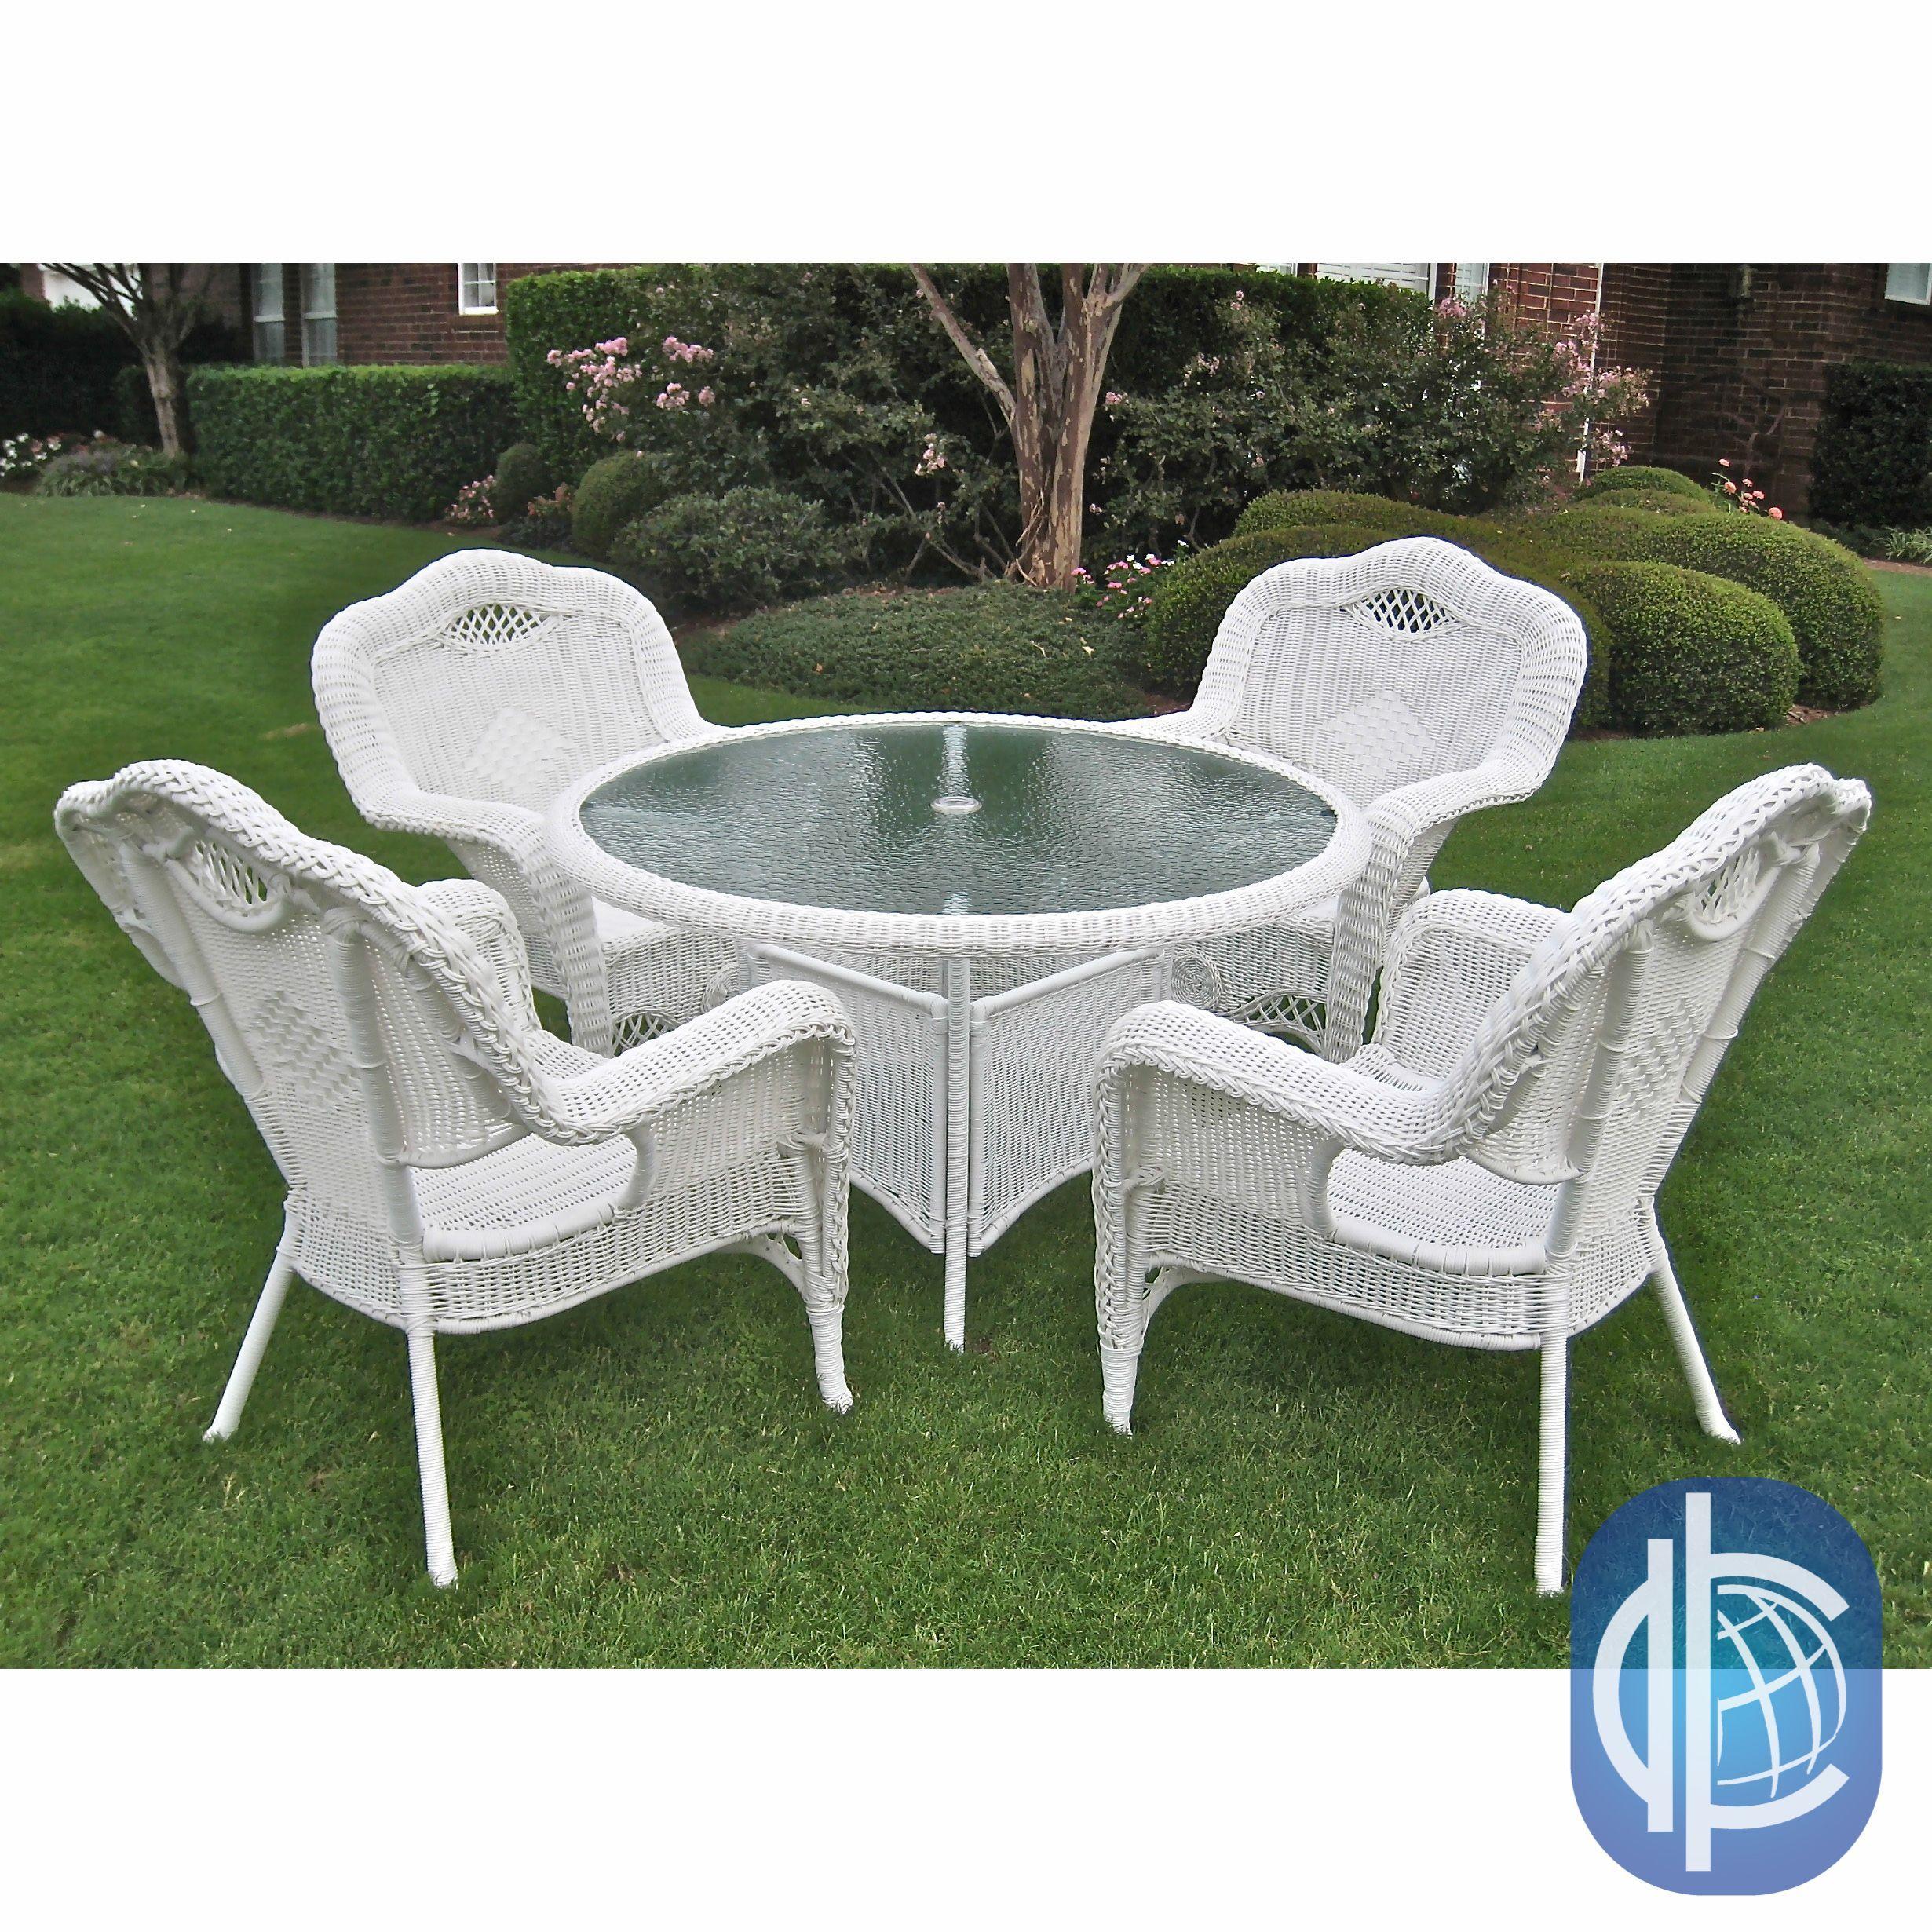 Chic Riviera Outdoor furniture set